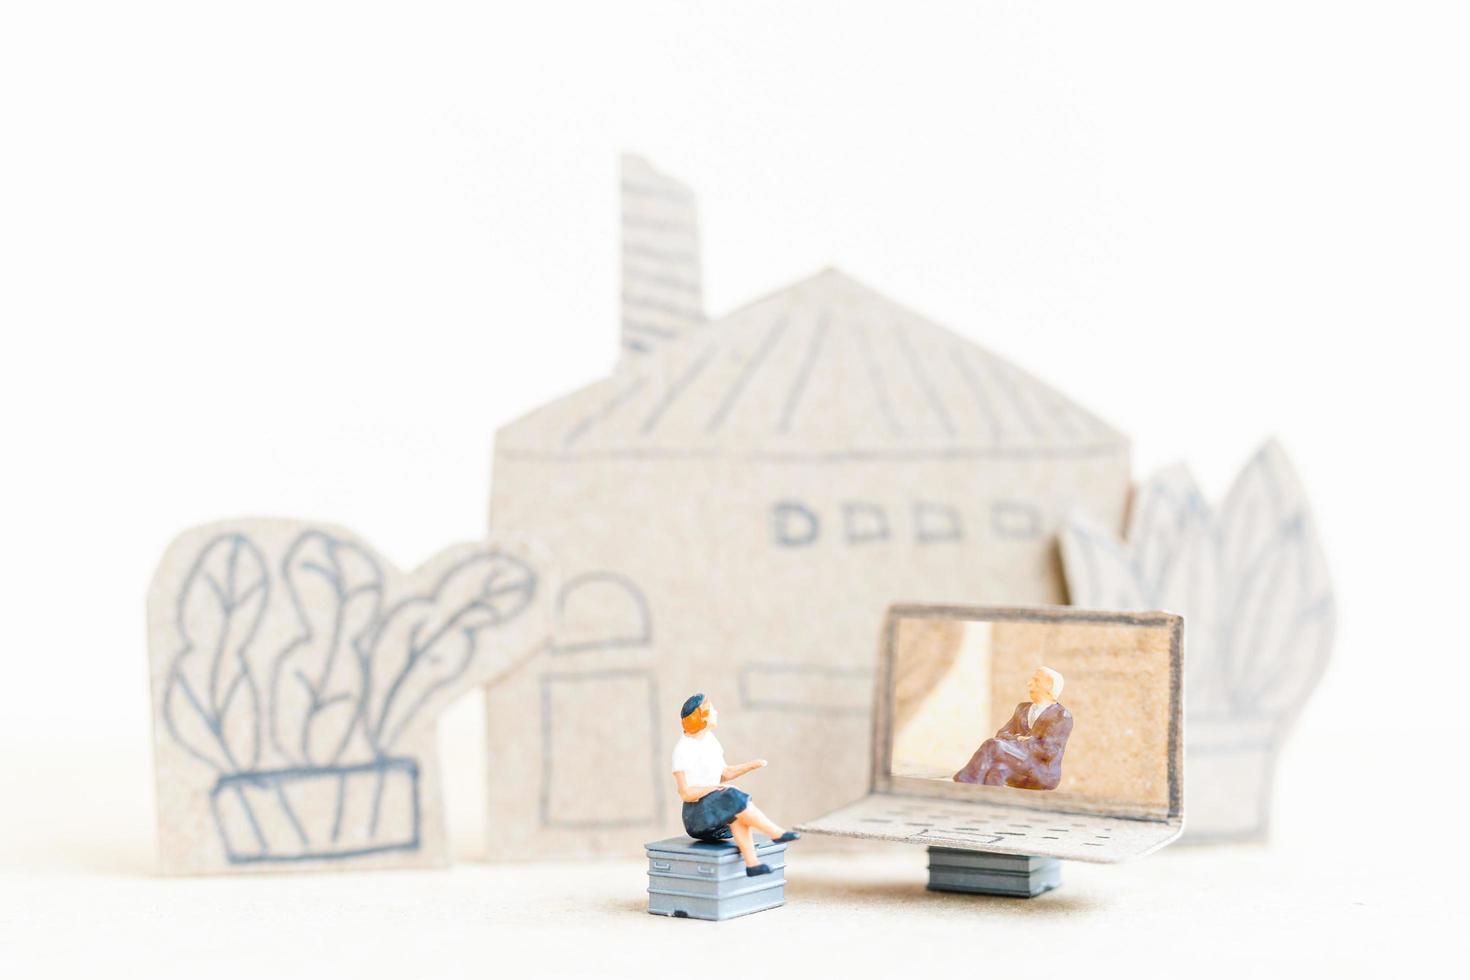 personne miniature travaillant sur un ordinateur portable, travail à la maison concept photo